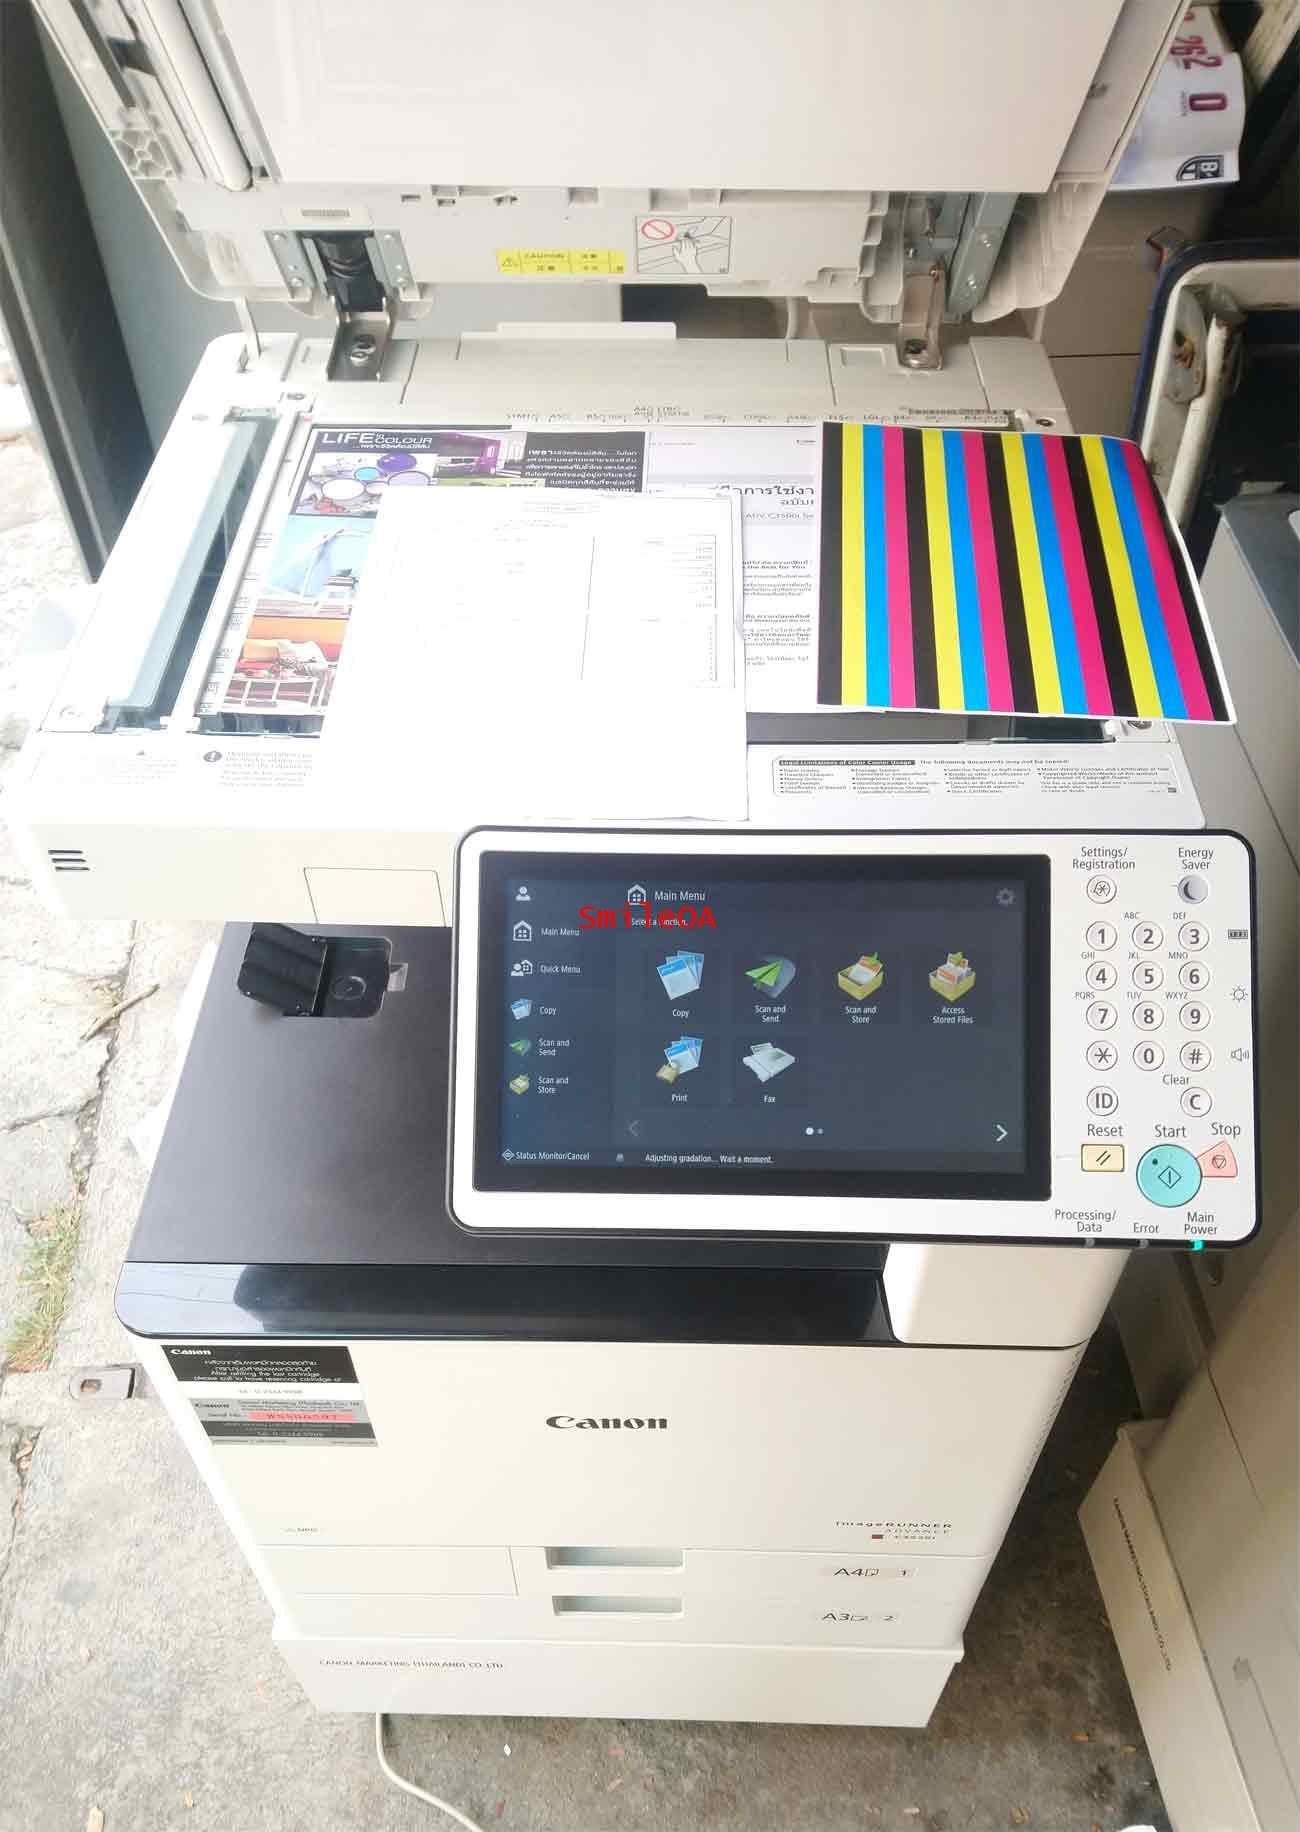 เครื่องถ่ายเอกสารสีมือสอง CANON Advance C3525i รุ่นใหม่ชนห้าง มิเตอร์น้อยมาก